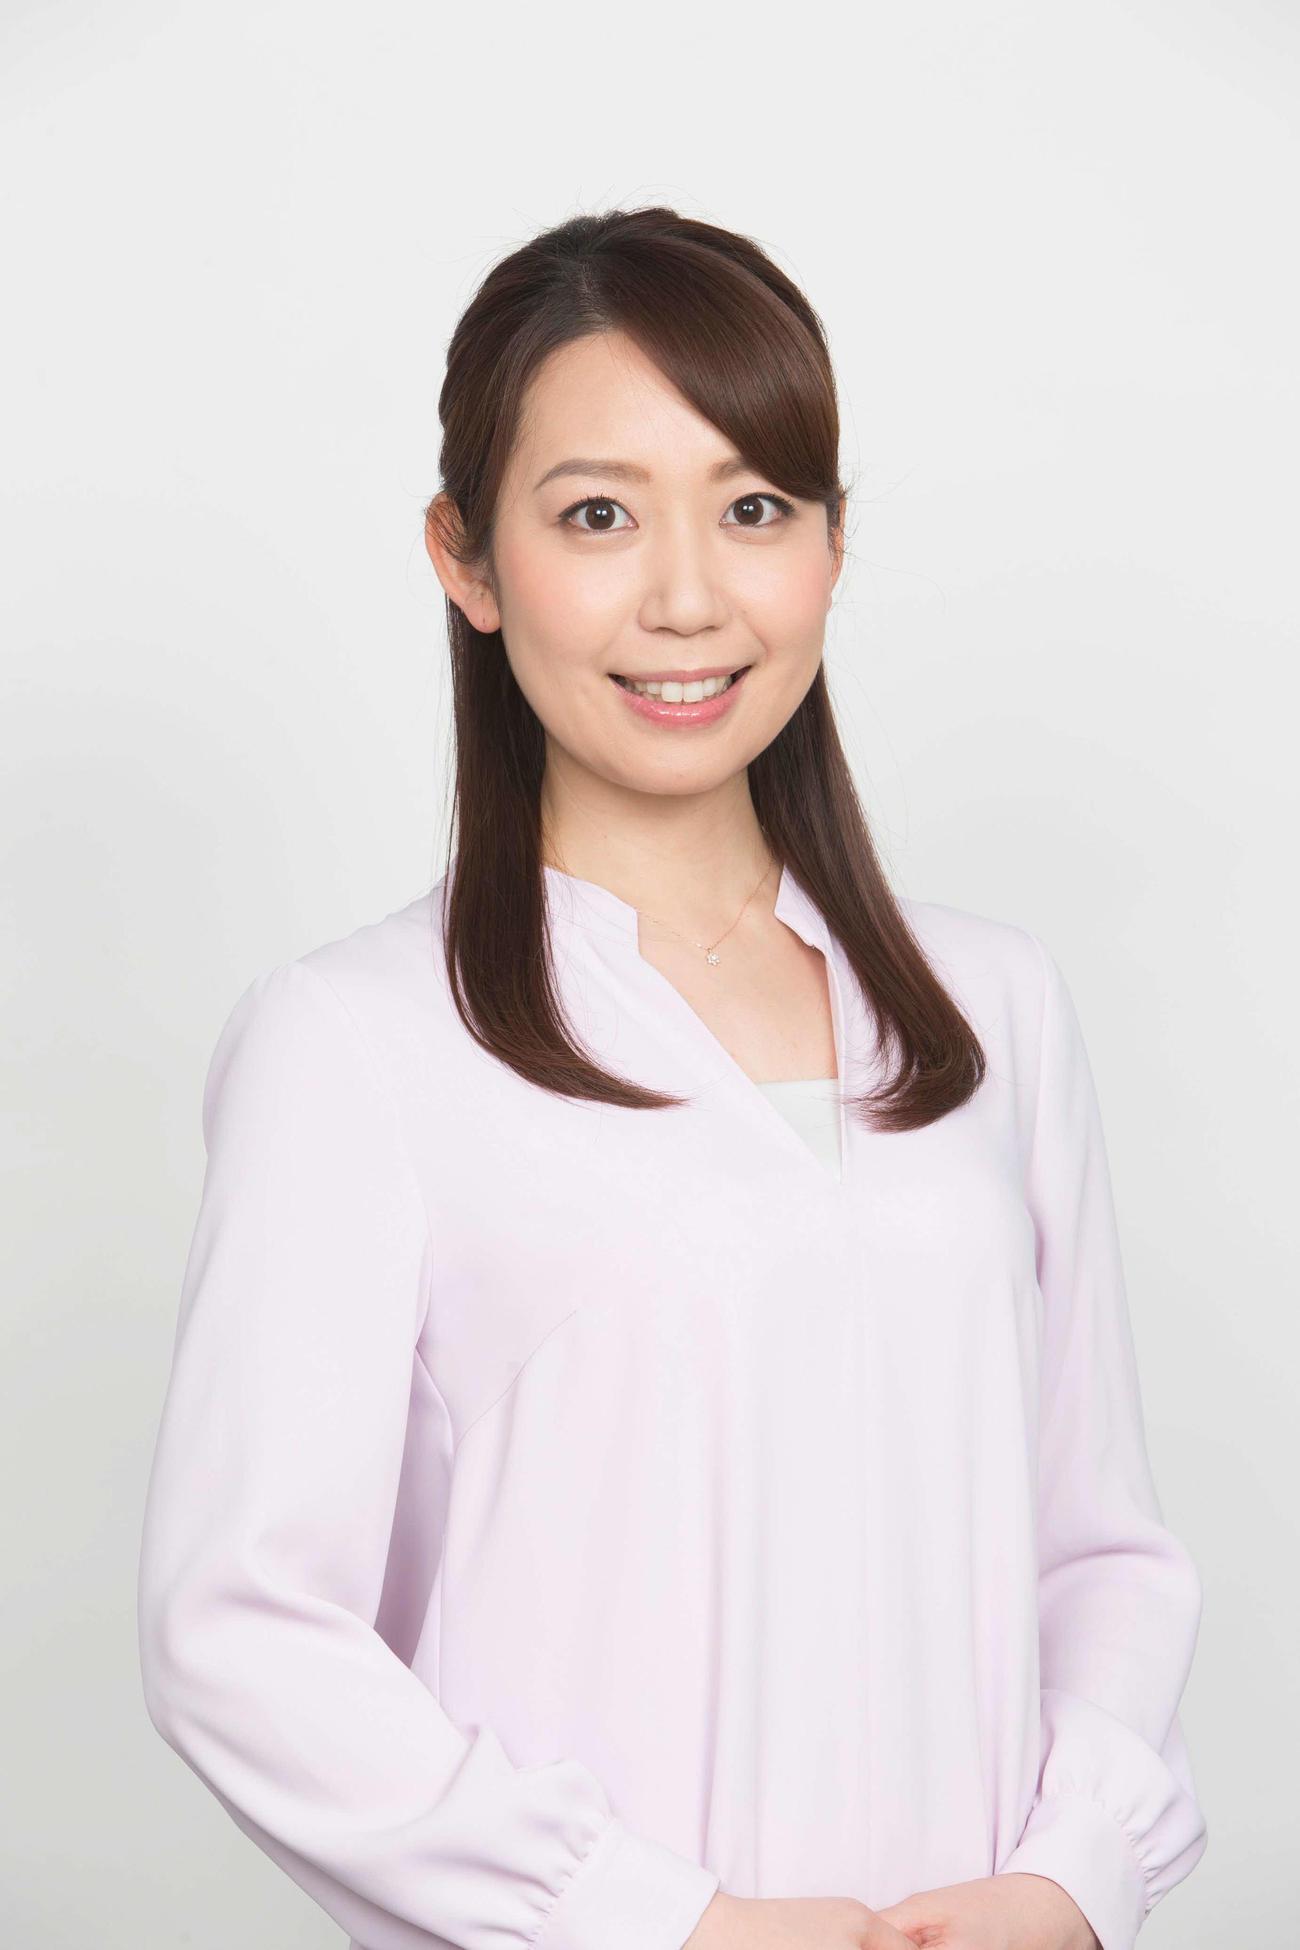 テレビ東京系経済番組「WBS」の金曜を担当する須黒清華キャスター